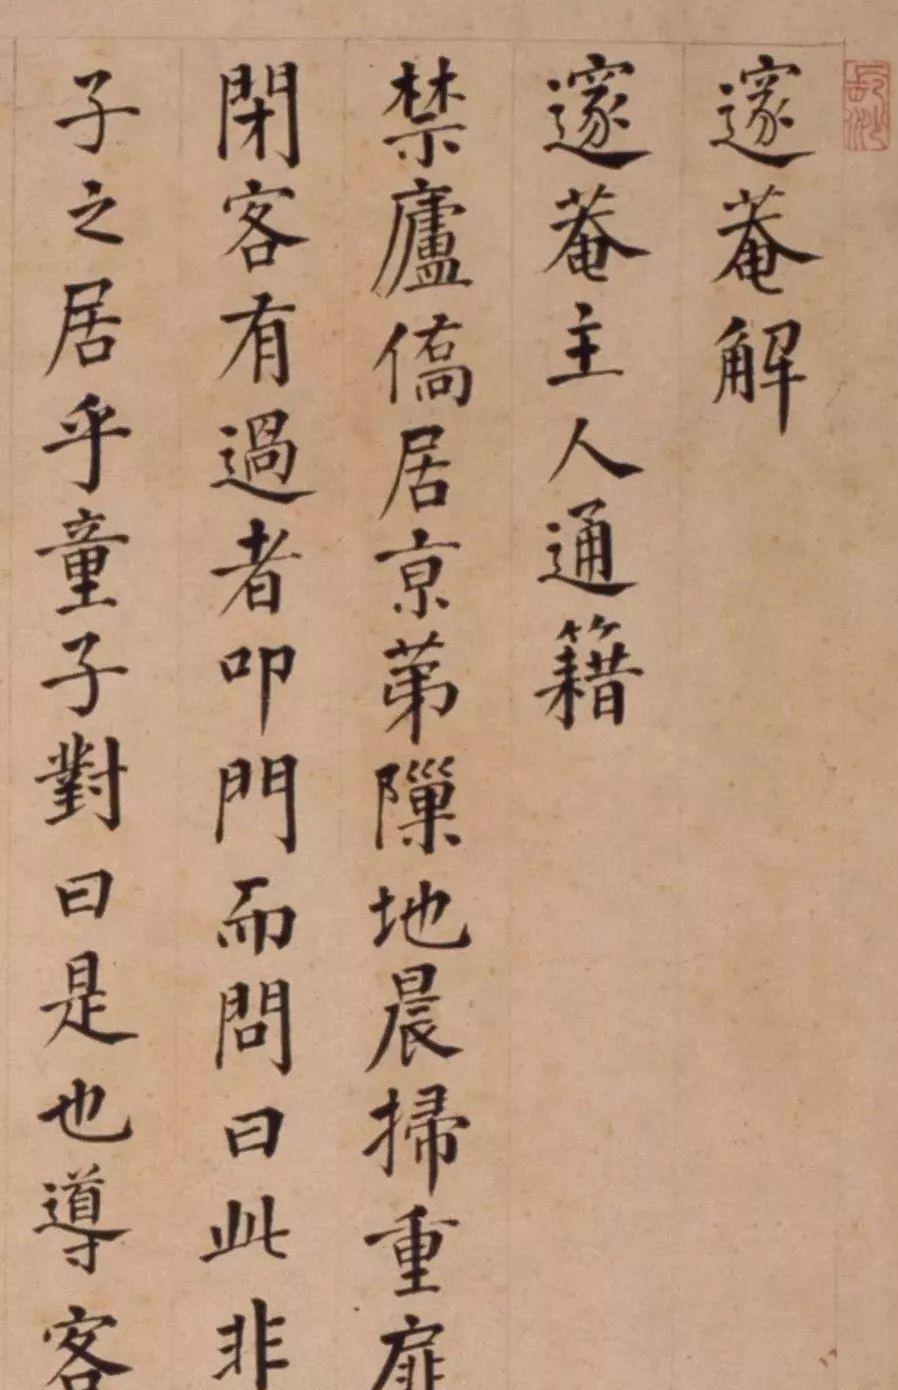 故宫博物院藏:明代李东阳楷书《邃庵解》书法欣赏